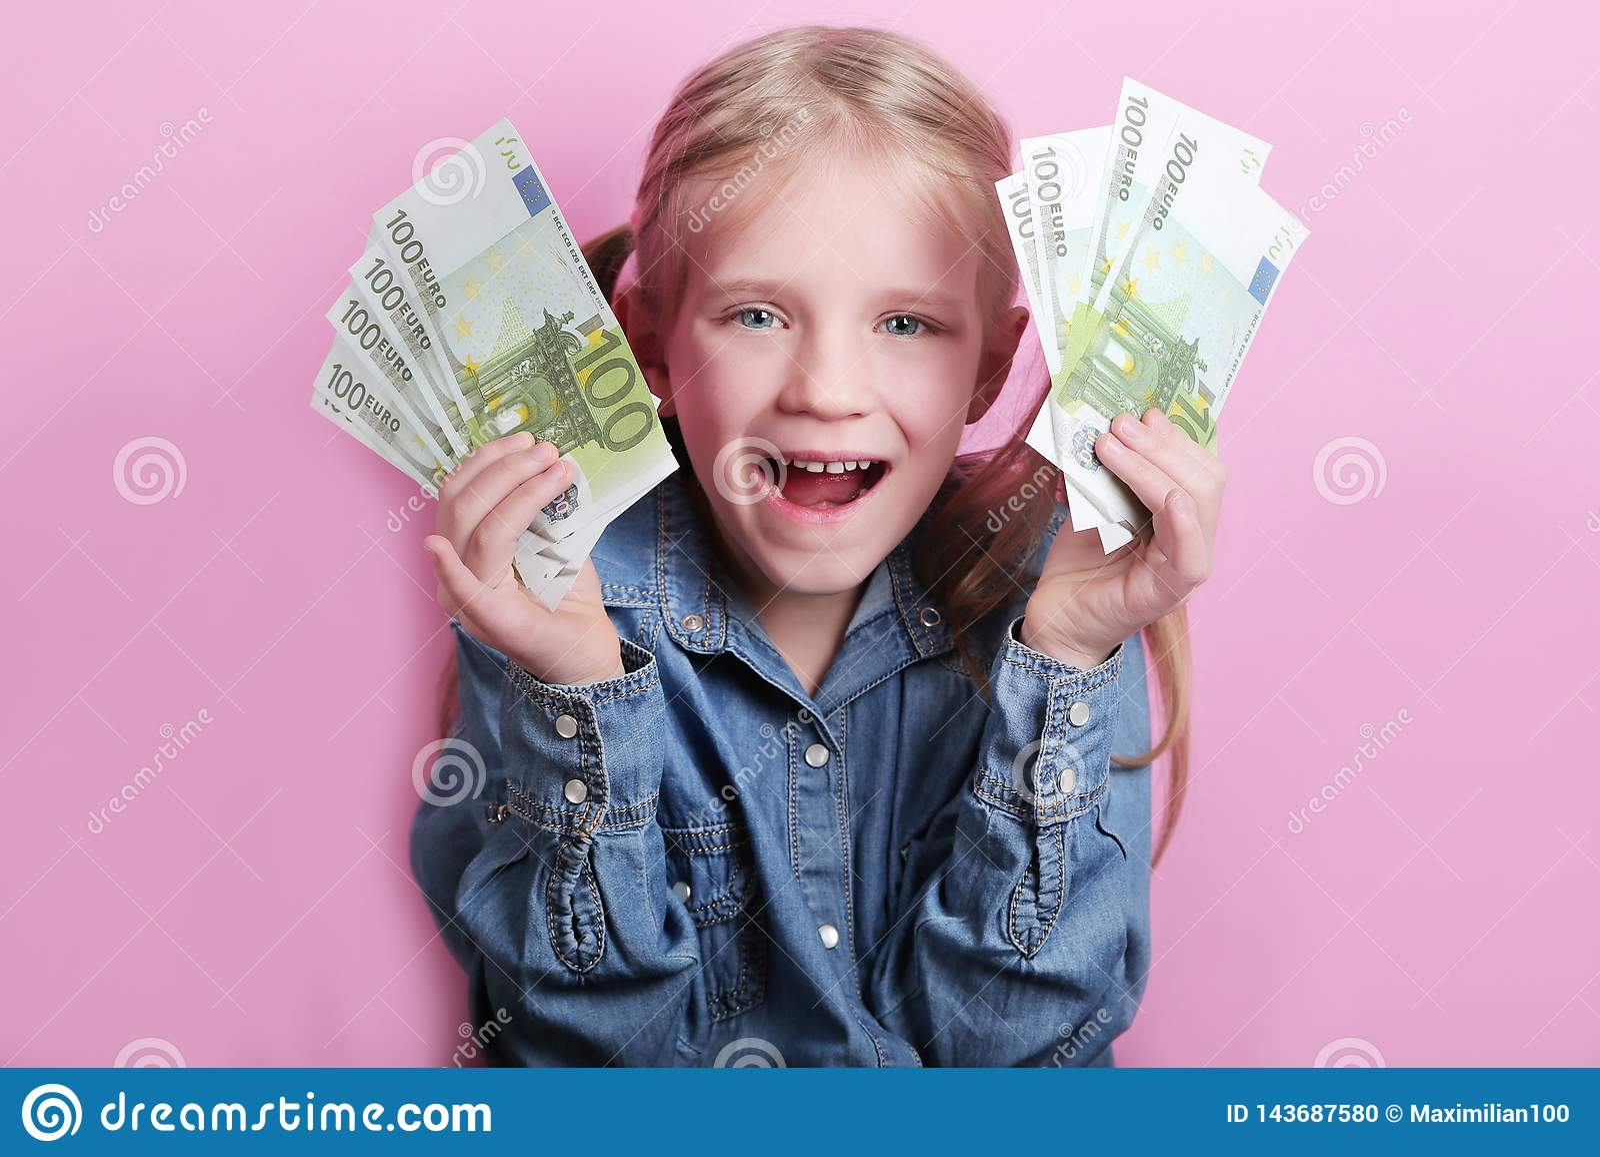 Neg?cio e conceito do dinheiro - menina feliz com euro- dinheiro do dinheiro sobre o fundo cor-de-rosa